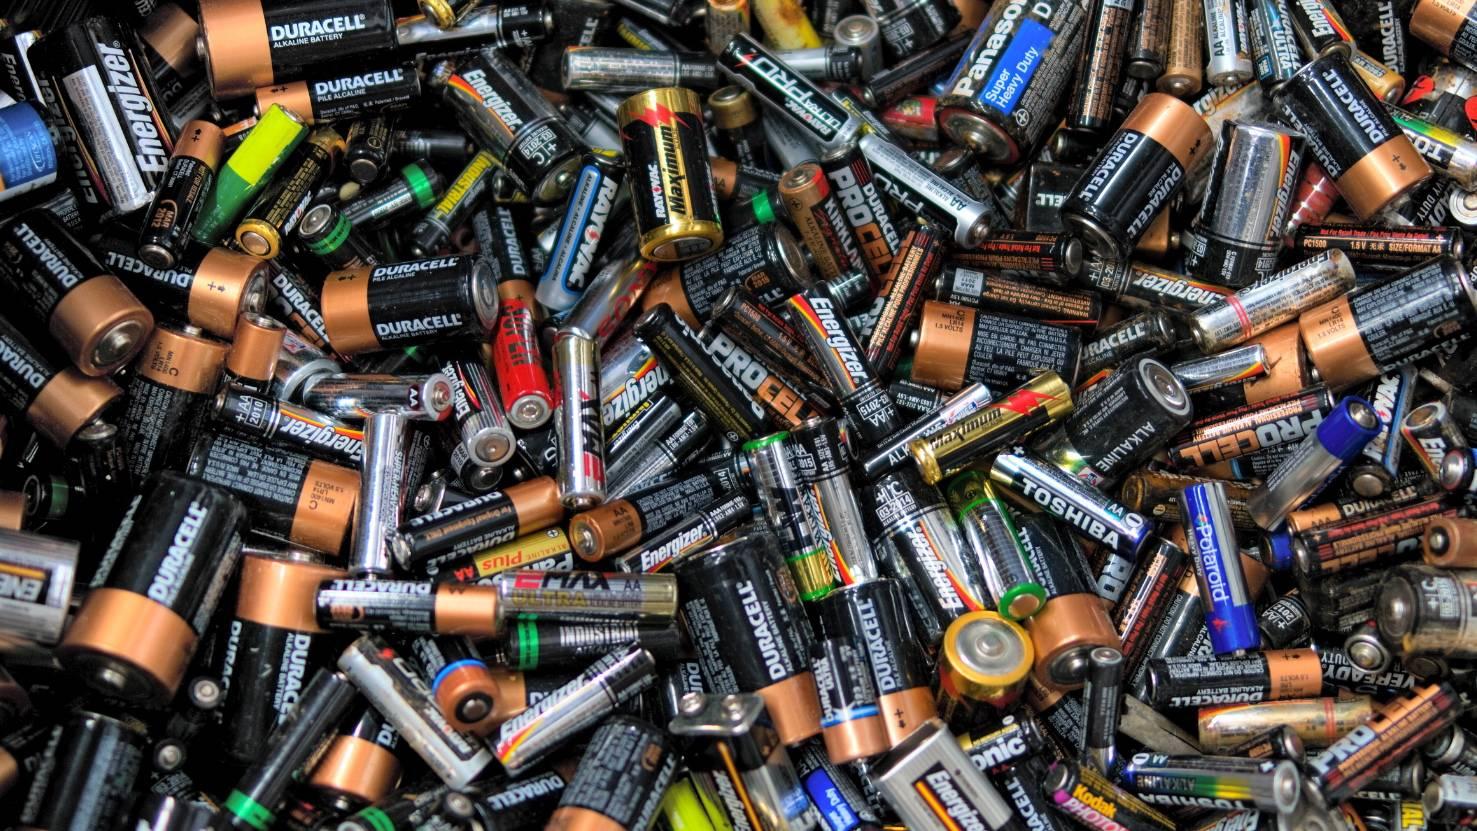 seksfilm Zouden de batterijen het nog doen?